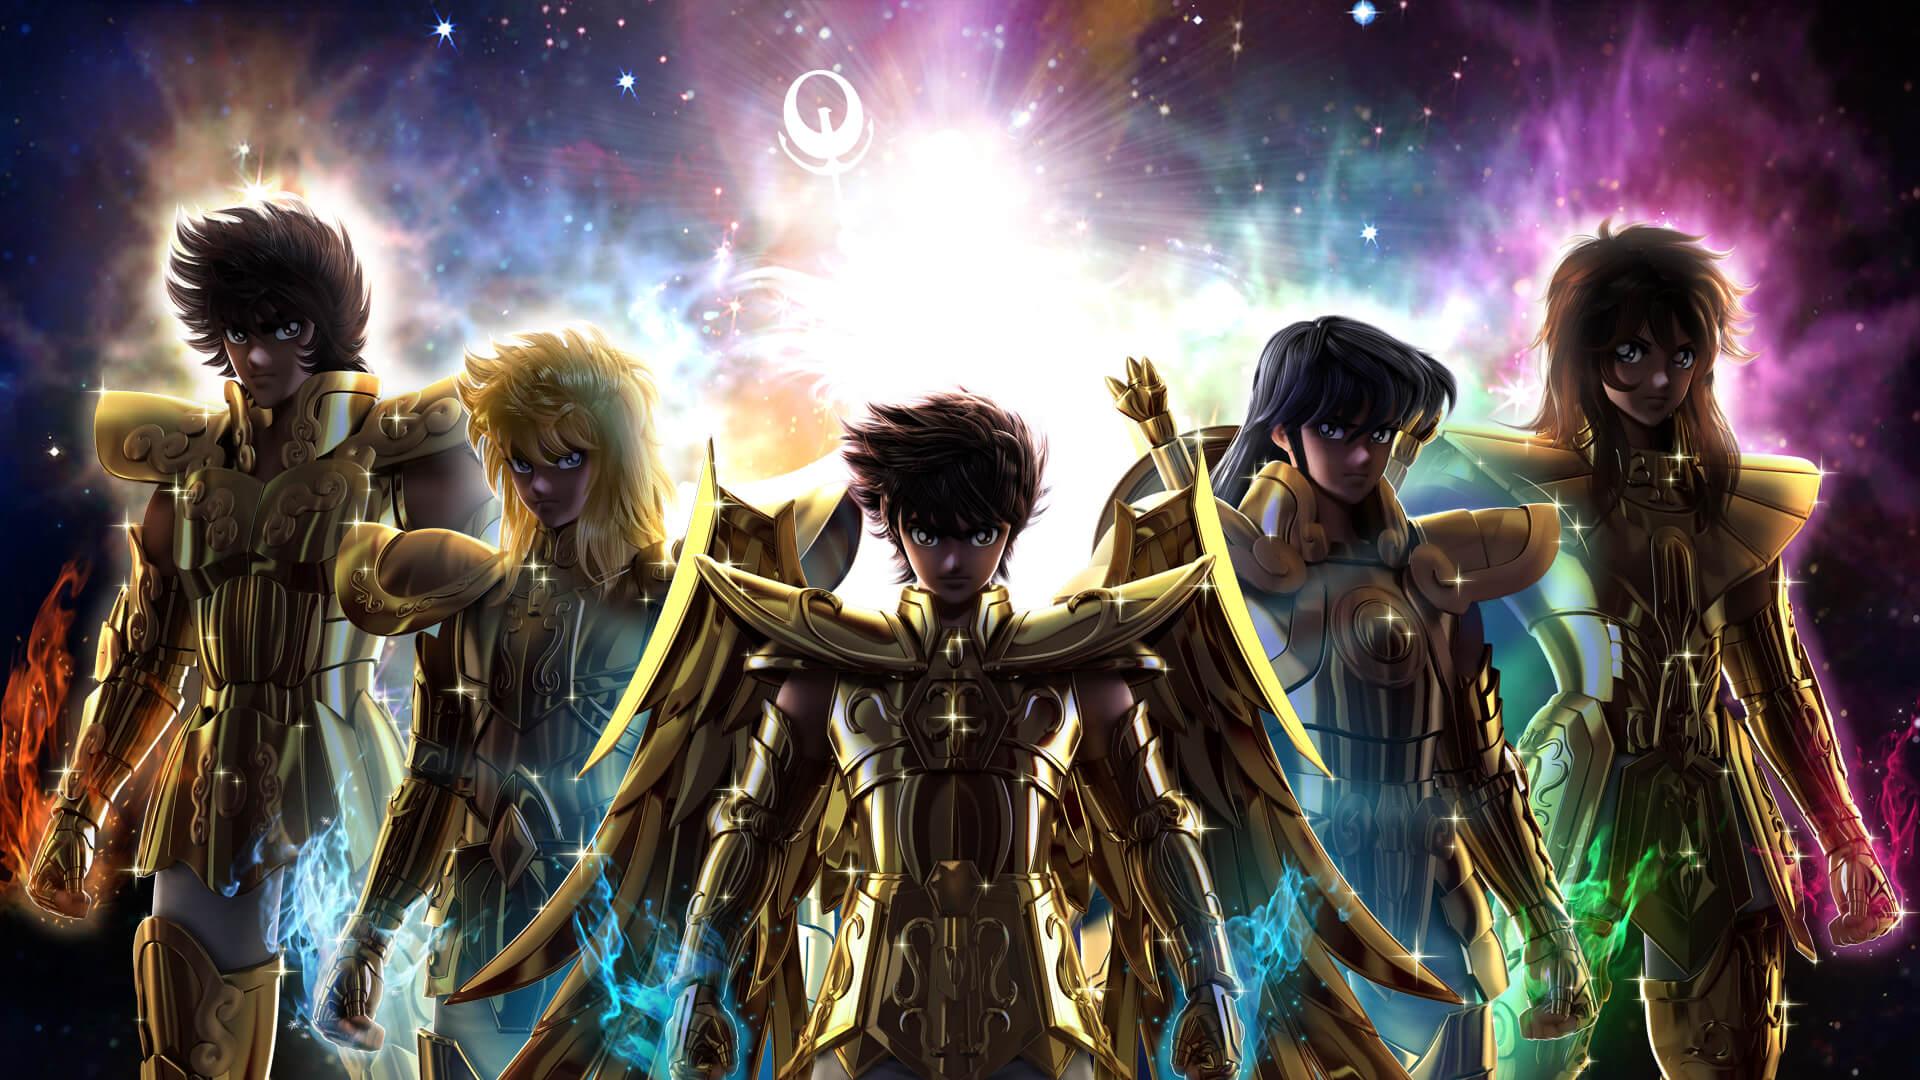 Foto de Ascensão do Cosmo é o novo evento especial de Os Cavaleiros do Zodíaco – Saint Seiya Online